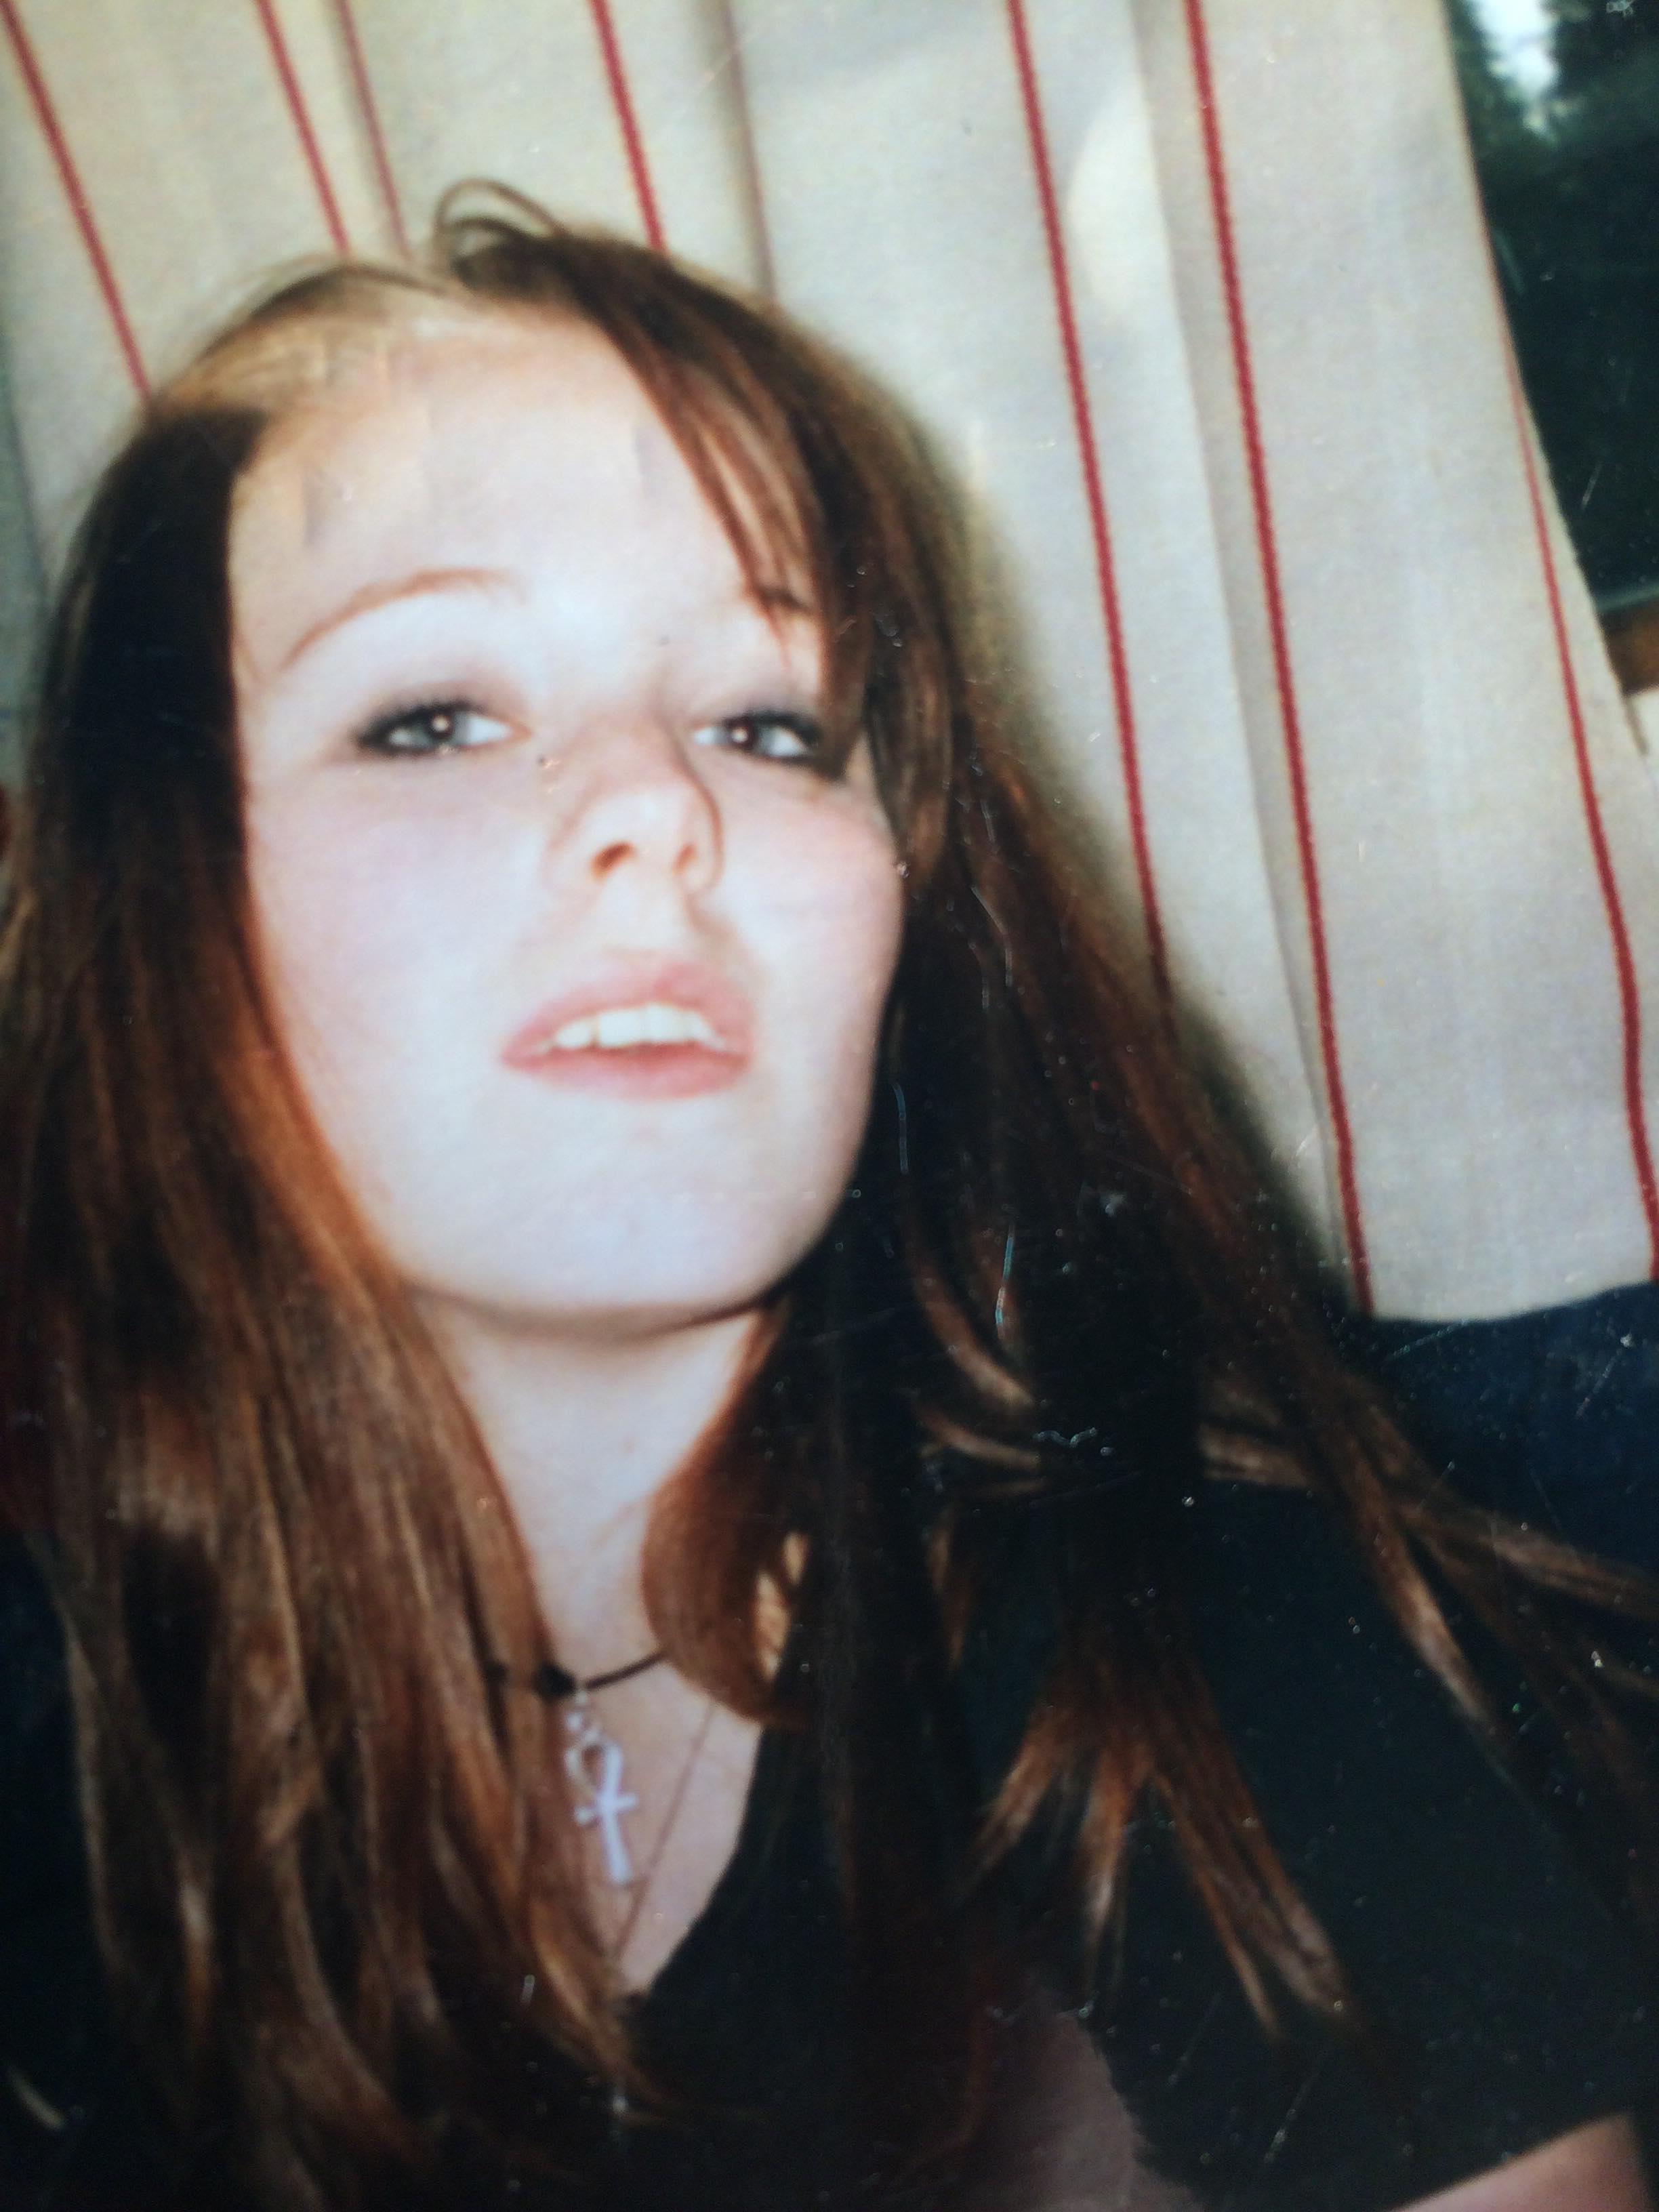 Me at 14